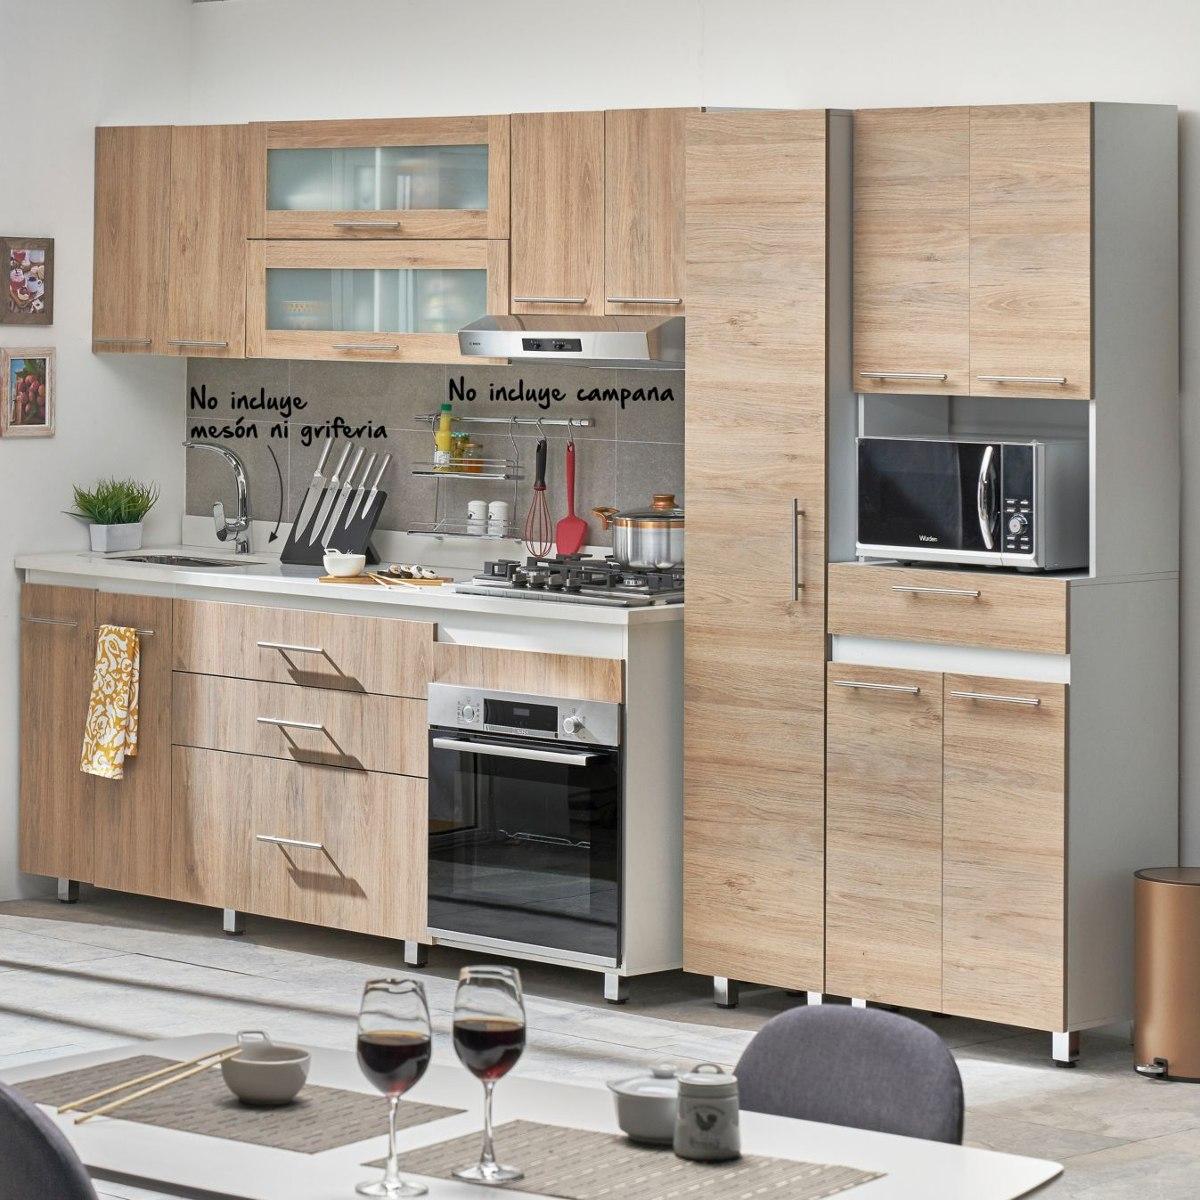 rta cocina integral gibraltar metros 10 puertas 3 acu On cocina integral 3 metros